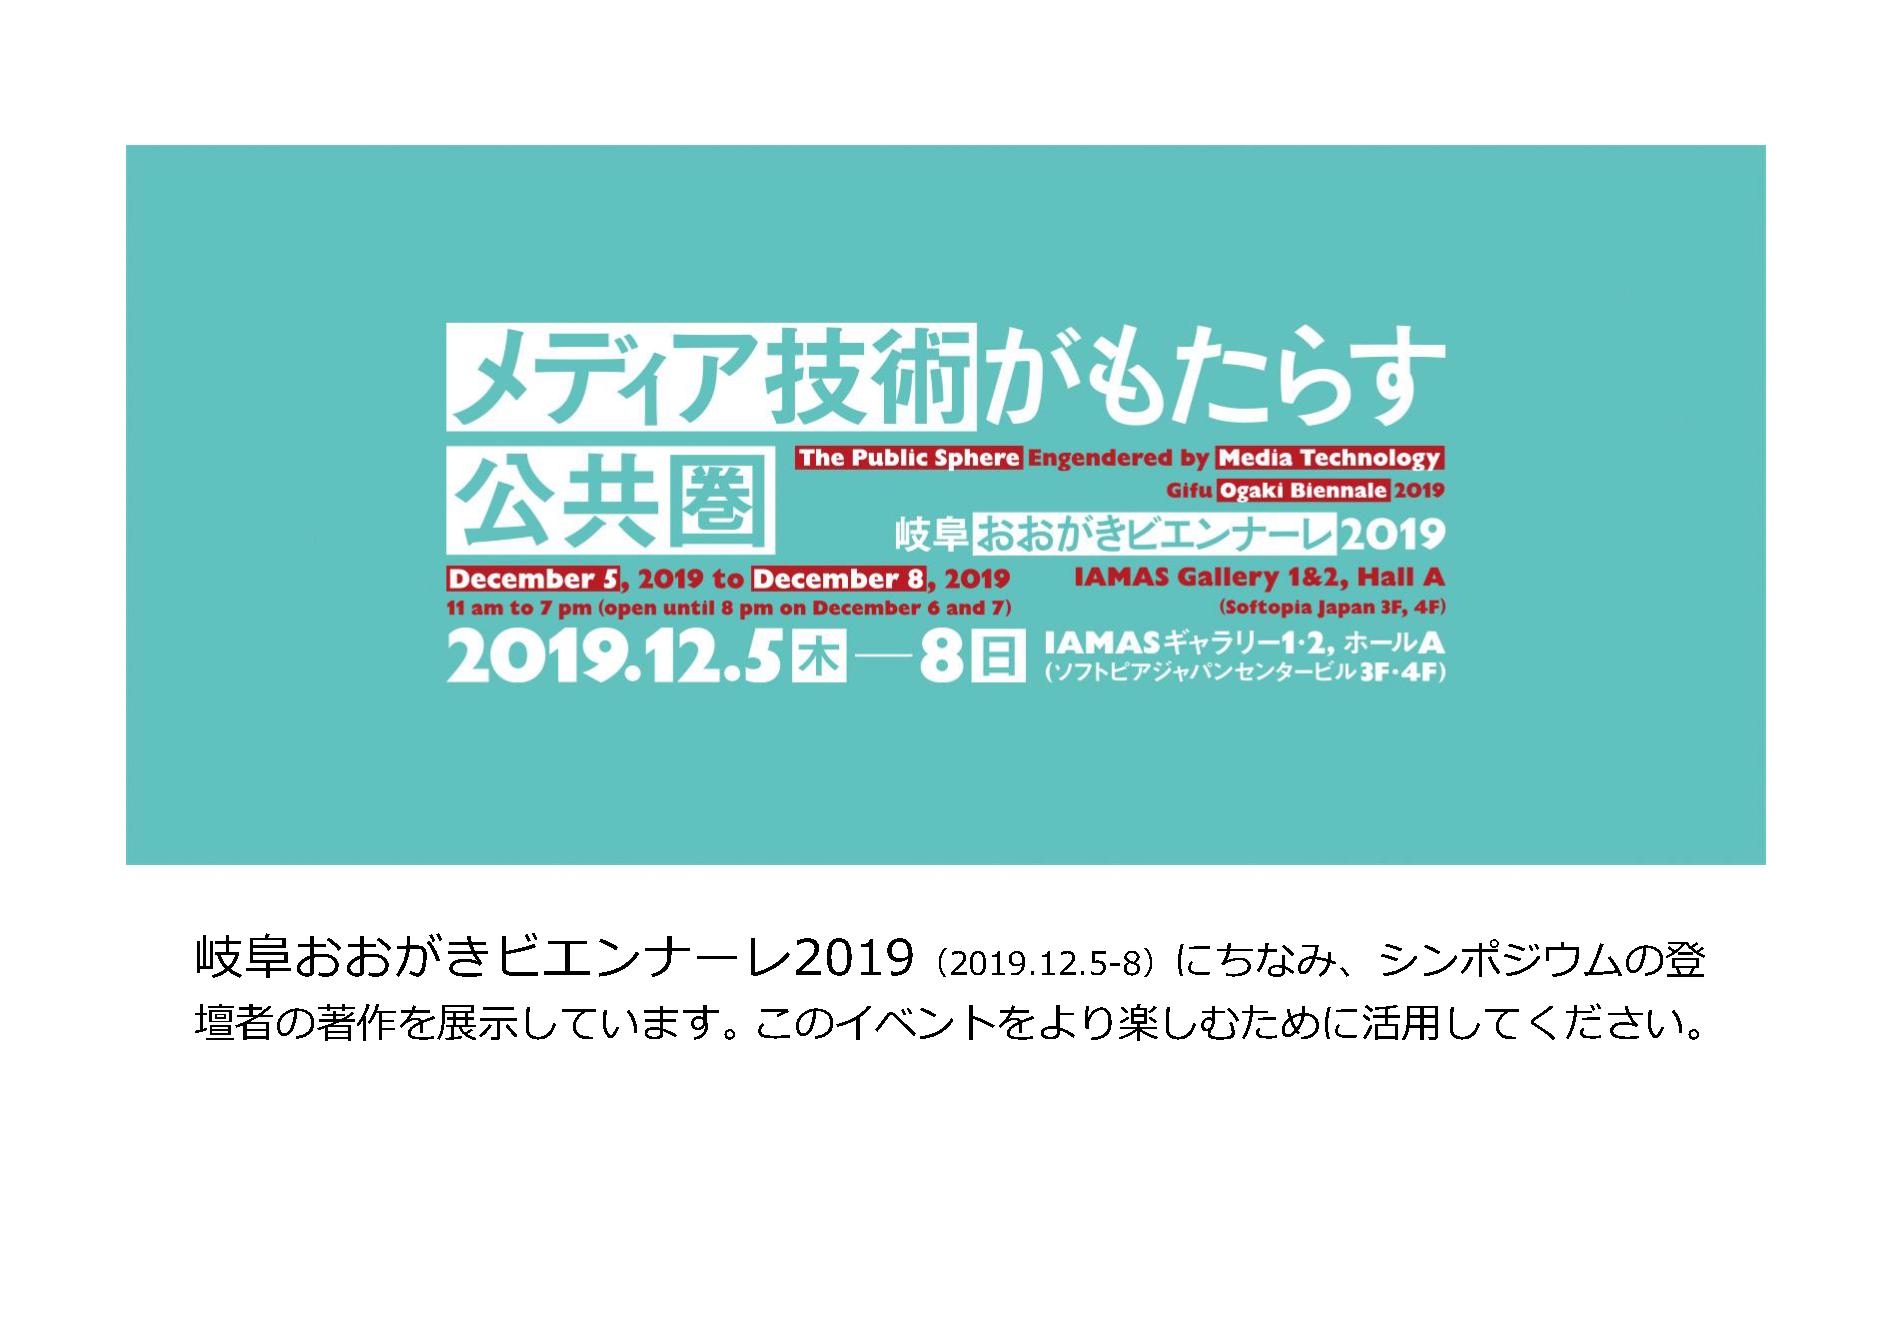 岐阜おおがきビエンナーレ2019資料展示